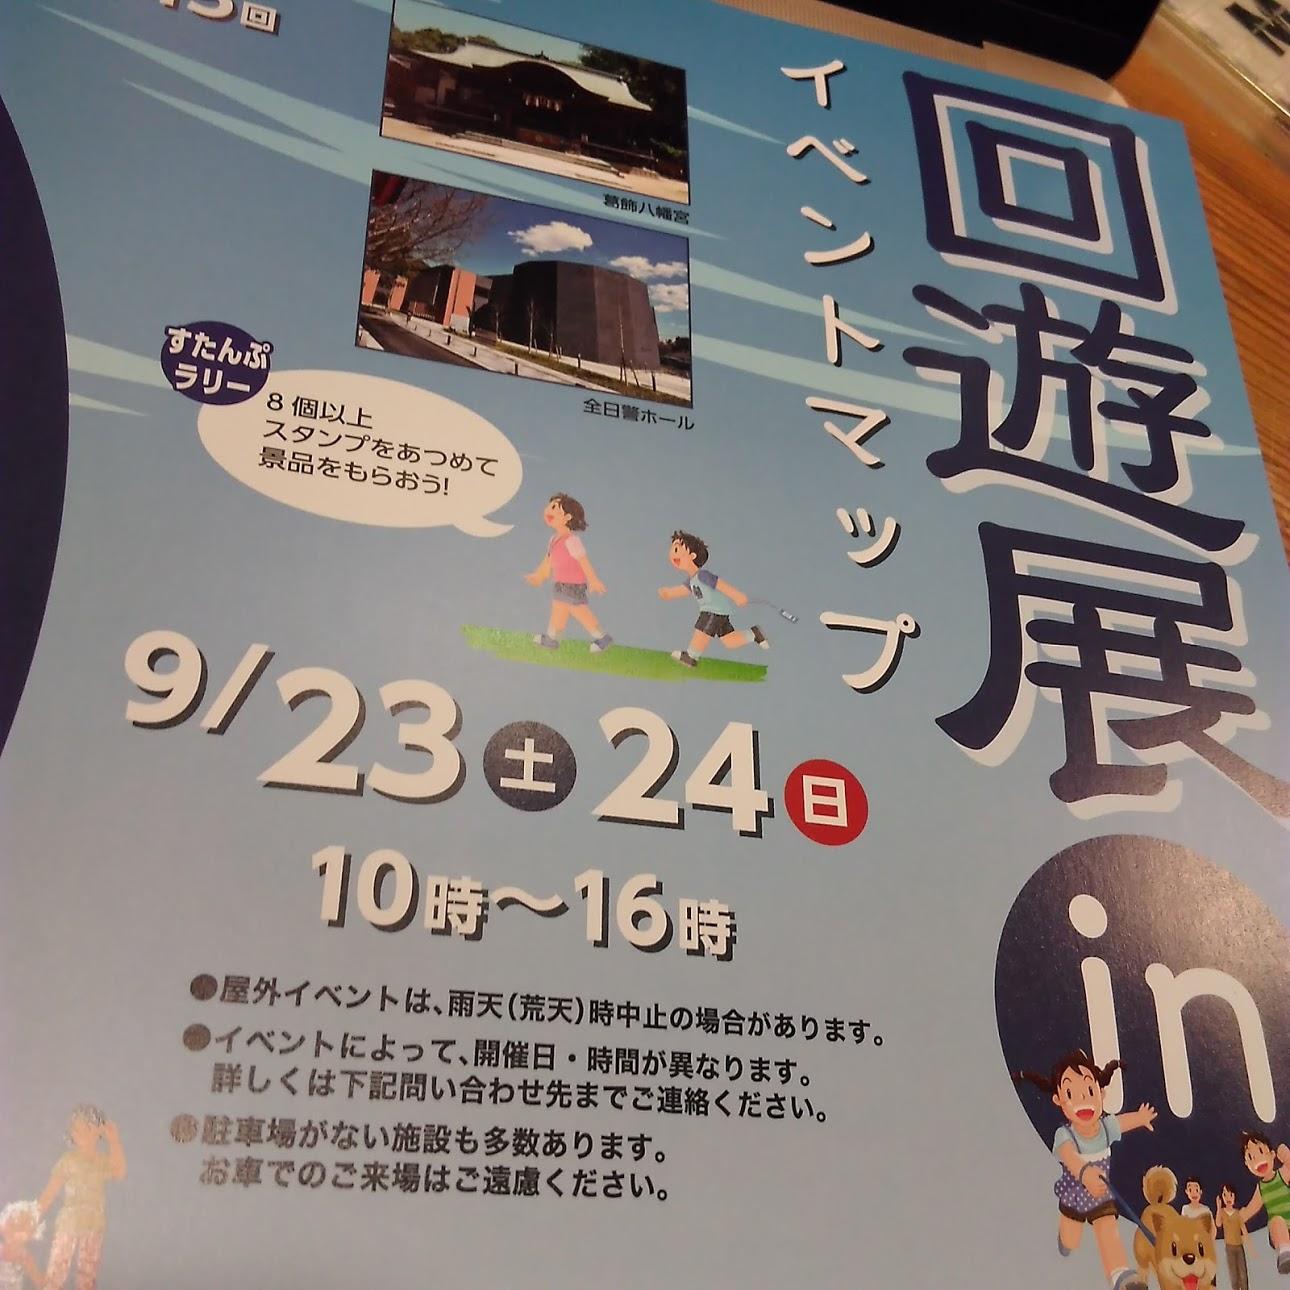 【第15回 回遊展in八幡に参加します】